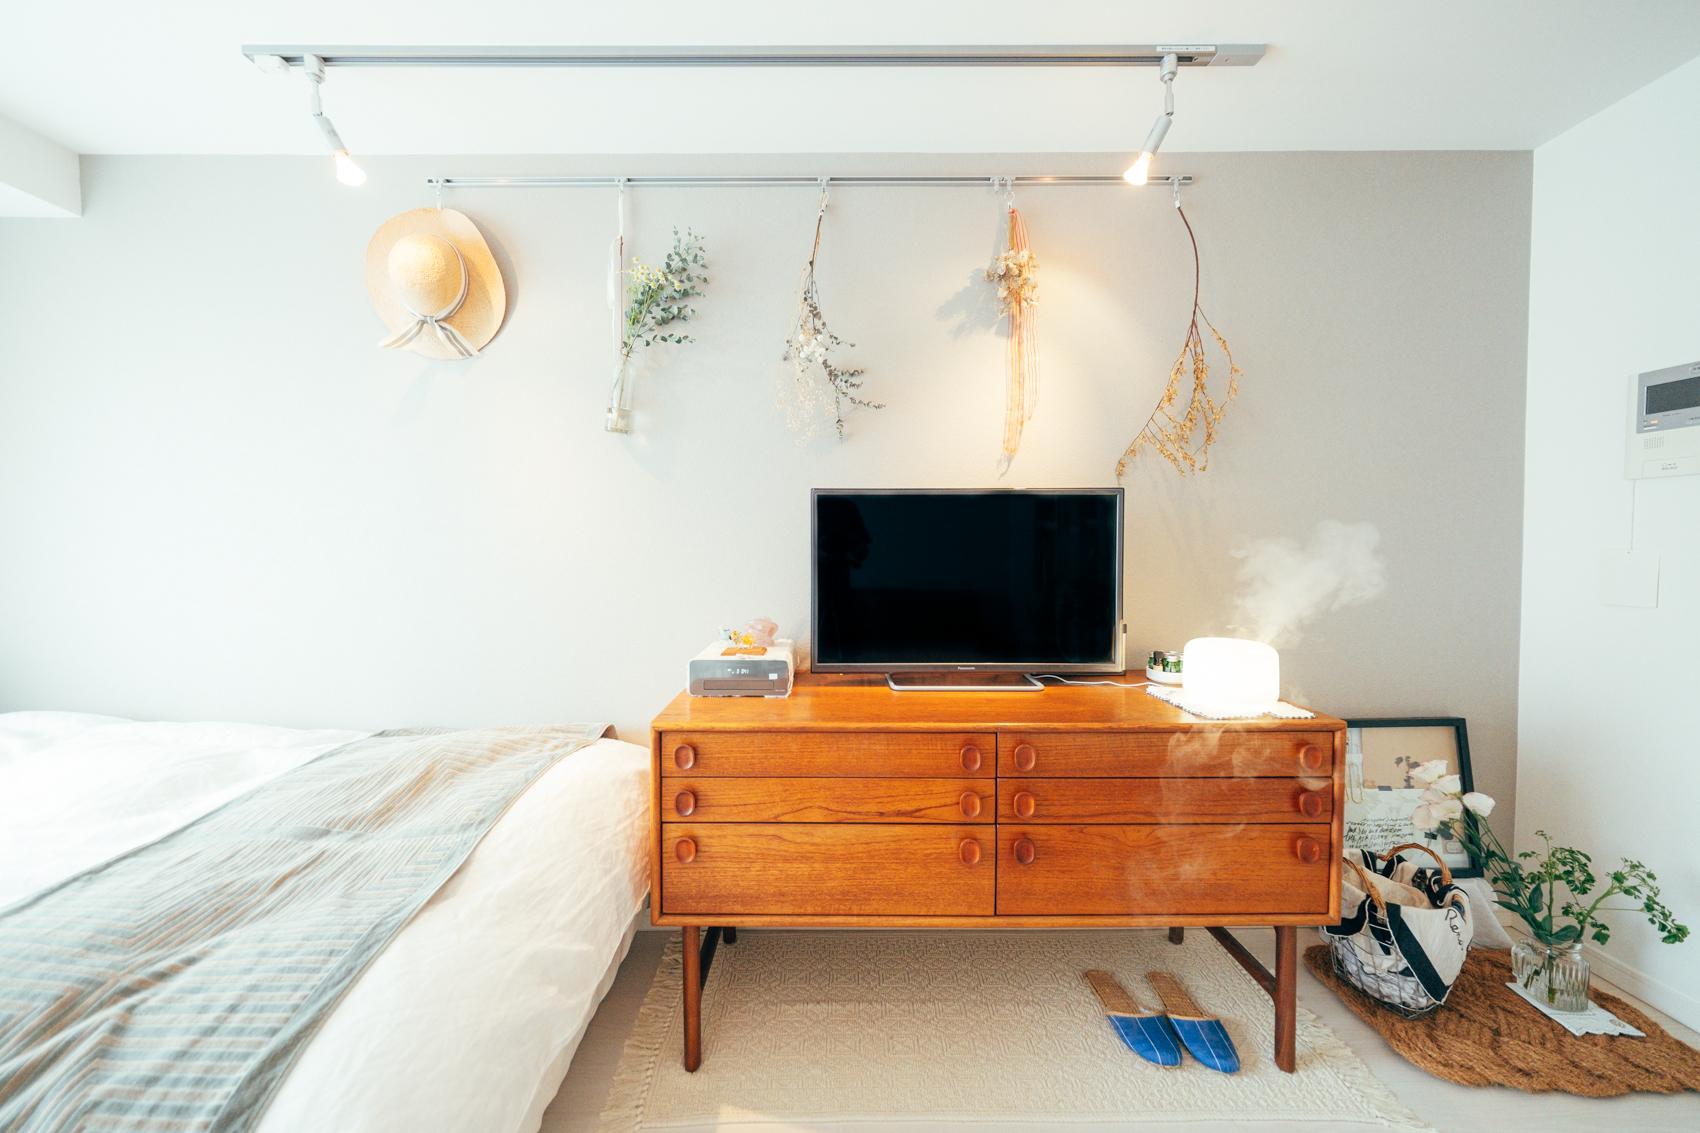 テレビボードは多くのインテリアメーカーをネット上で巡りながらRoccaにて見つけられたもの。 「部屋の中で必ず目に入るものなので妥協したくなくて、色合いやデザインはもちろん機能性で選びました。」